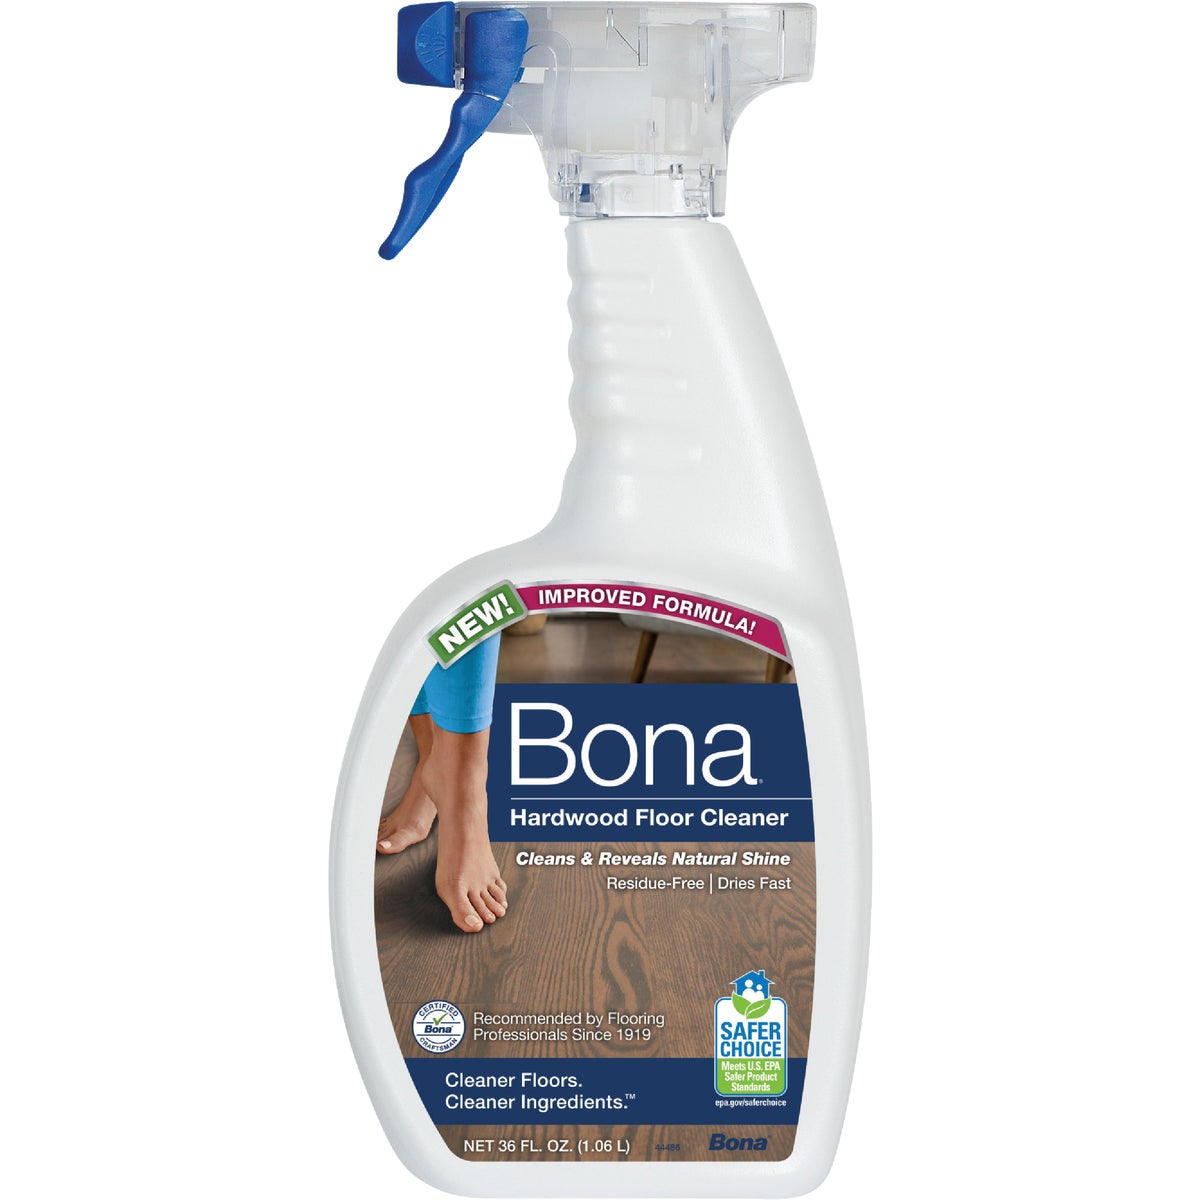 Bona Hardwood Floor Cleaner, WM700059001